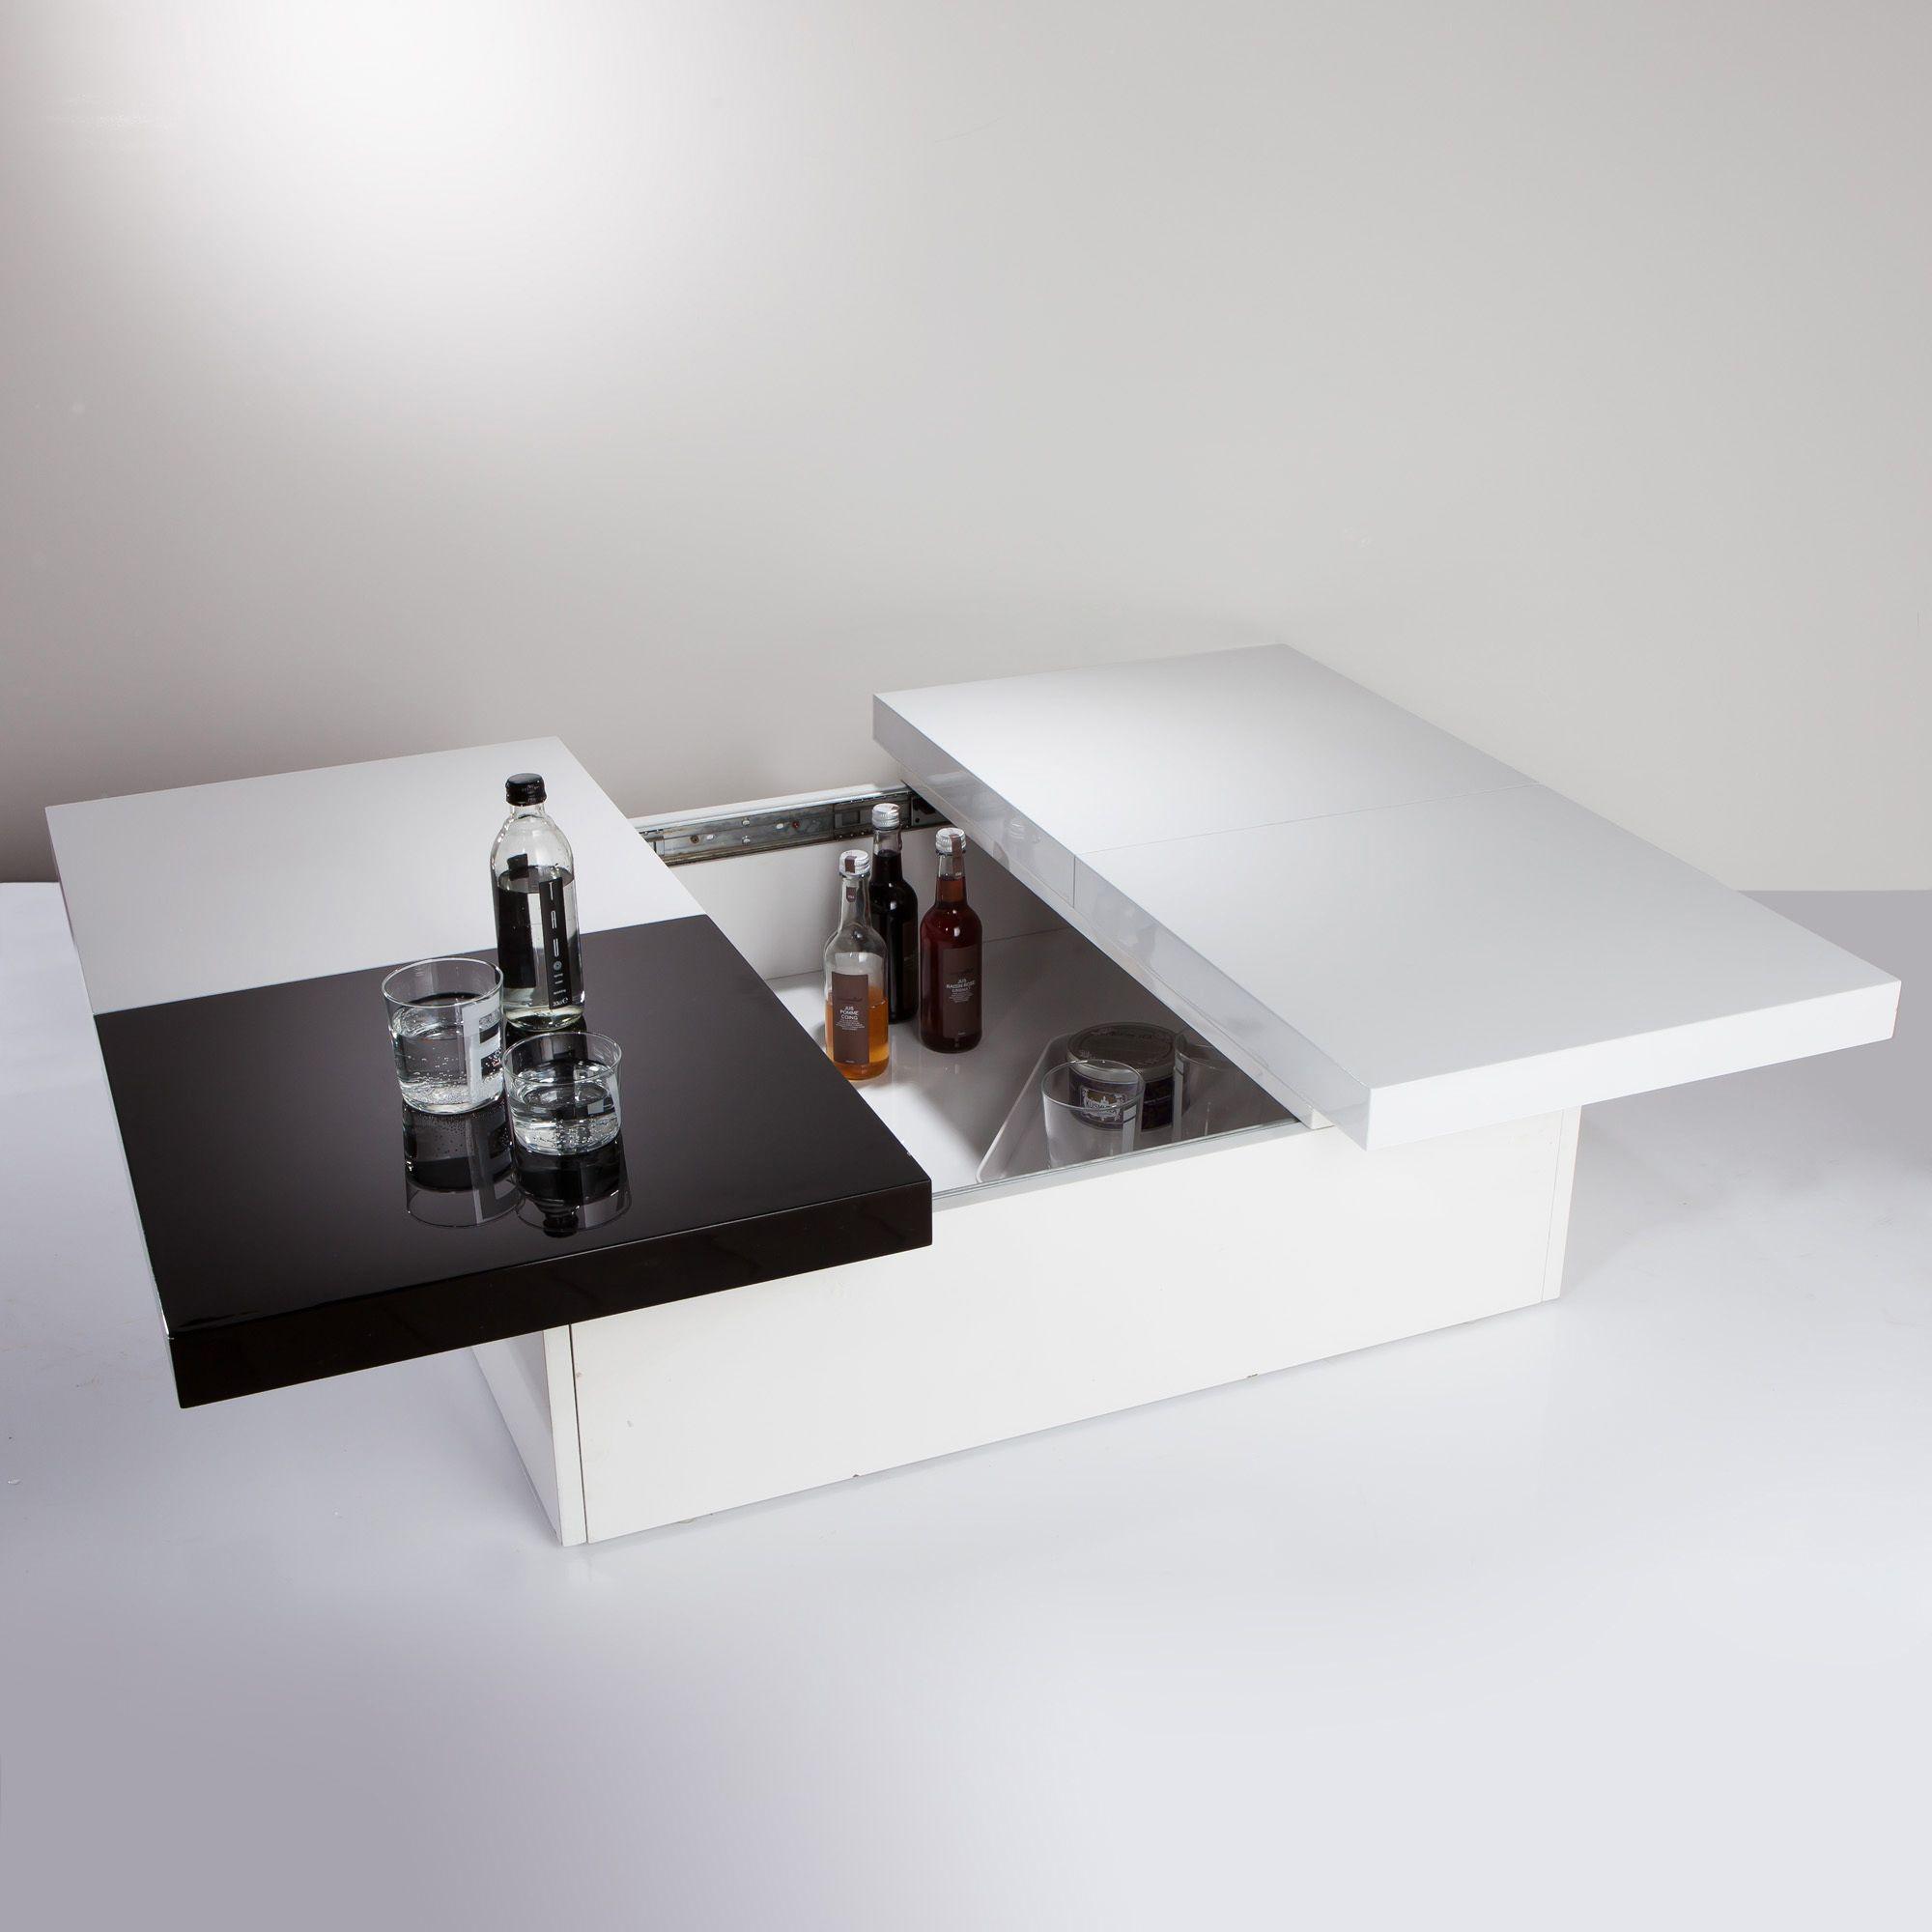 Rangement Niche De Table Coulissante 3 Glosse Basse Avec Suisses R4j3ALqc5